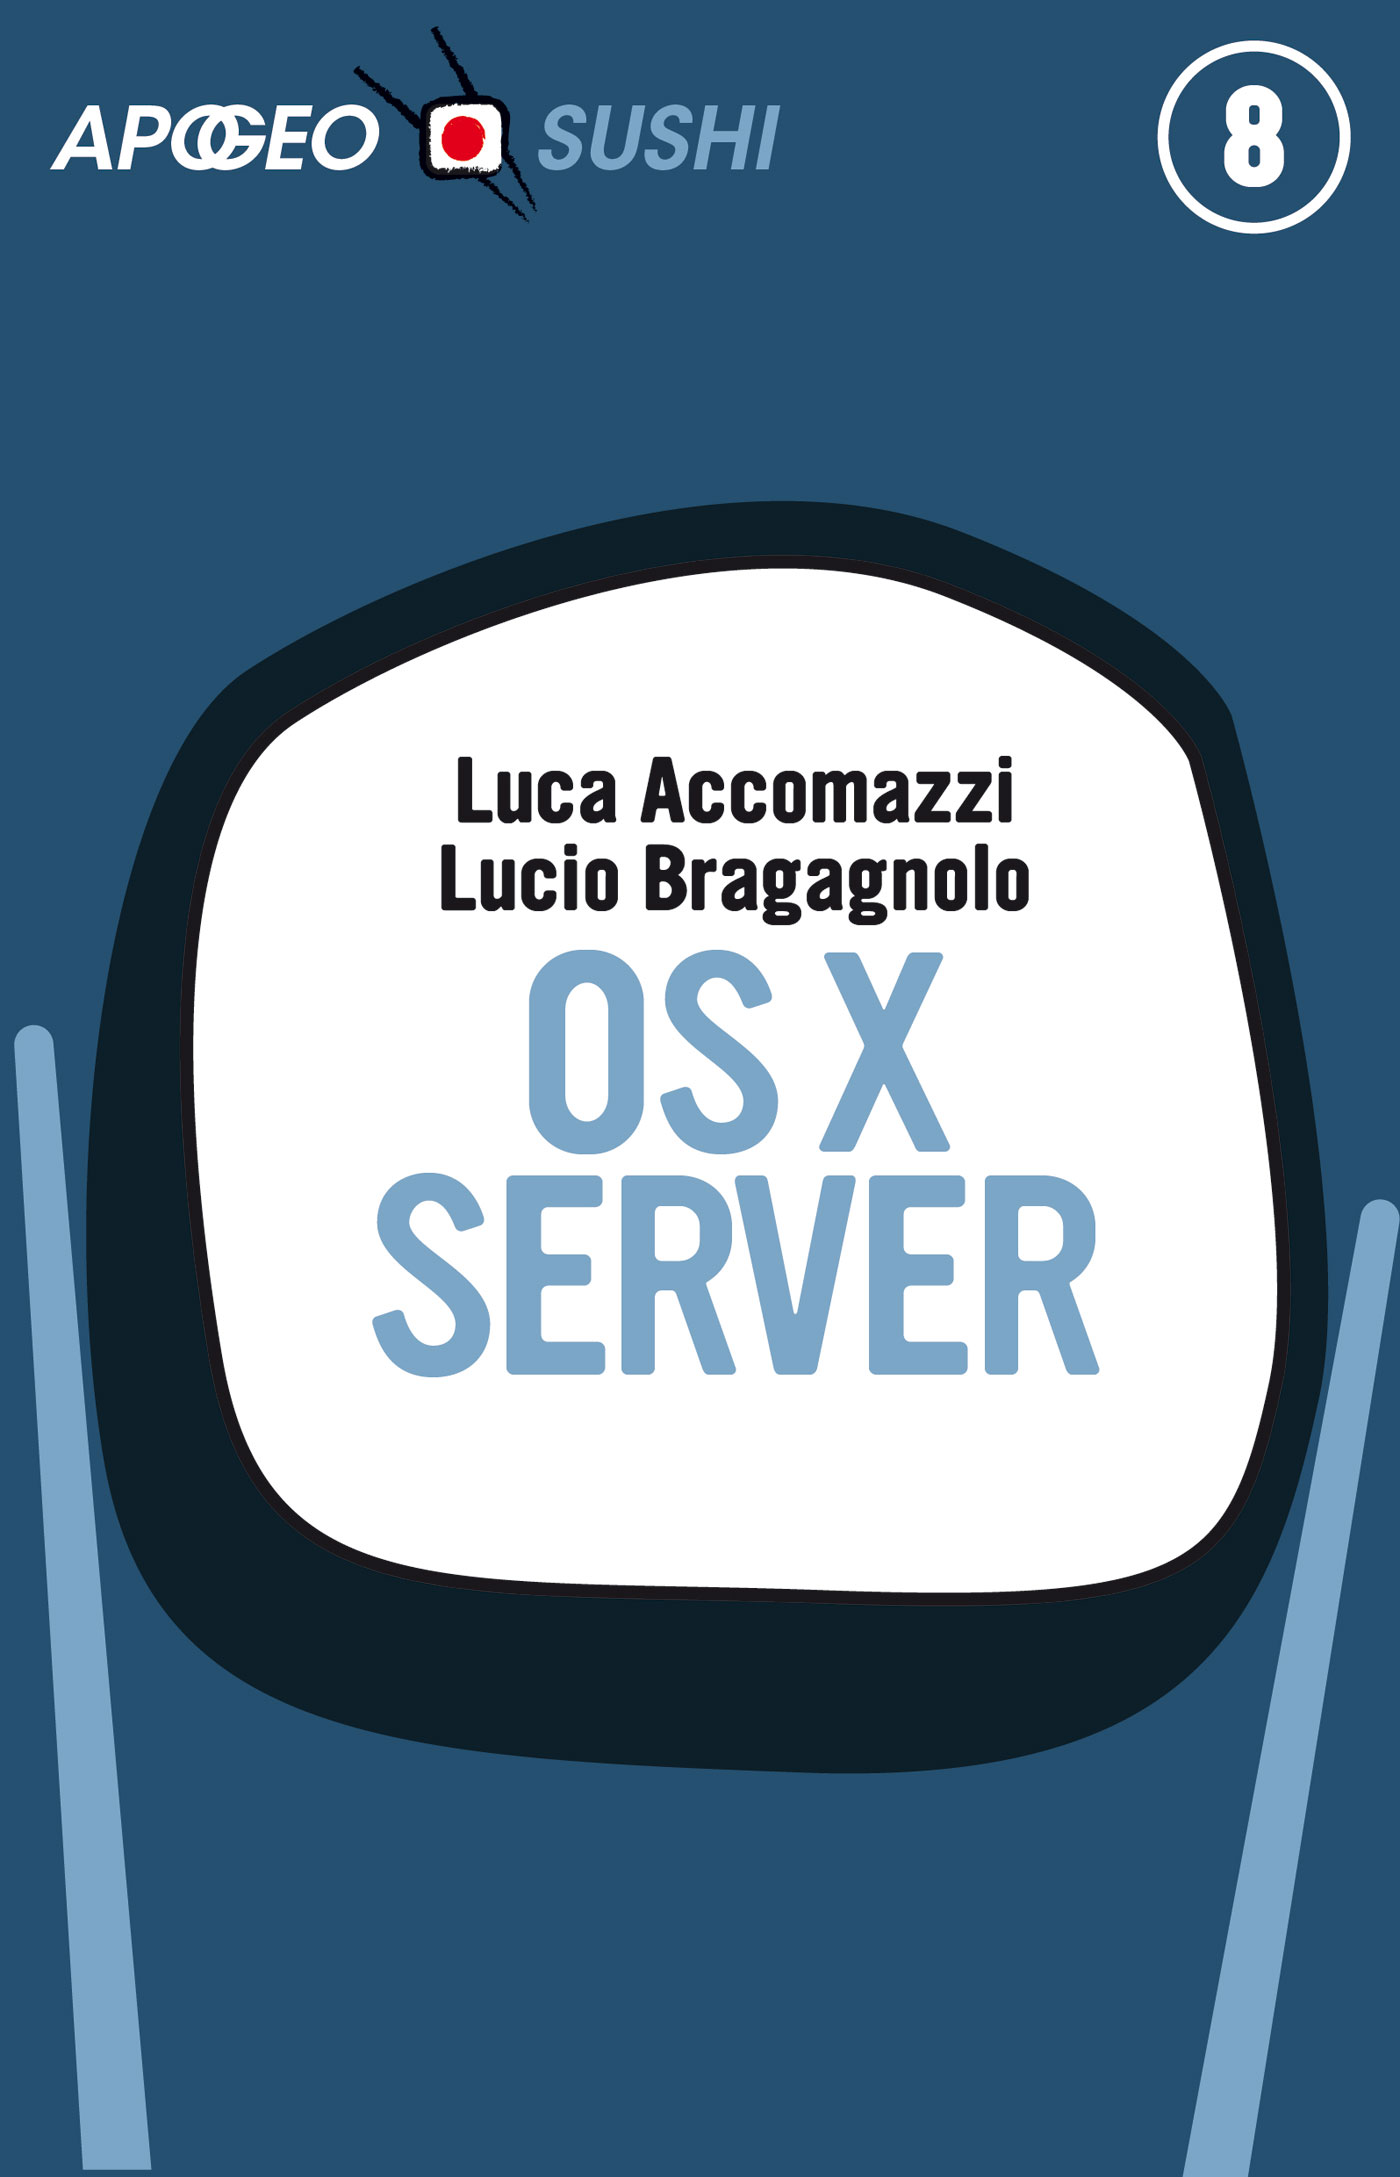 OS X Server – Luca Accomazzi, Lucio Bragagnolo